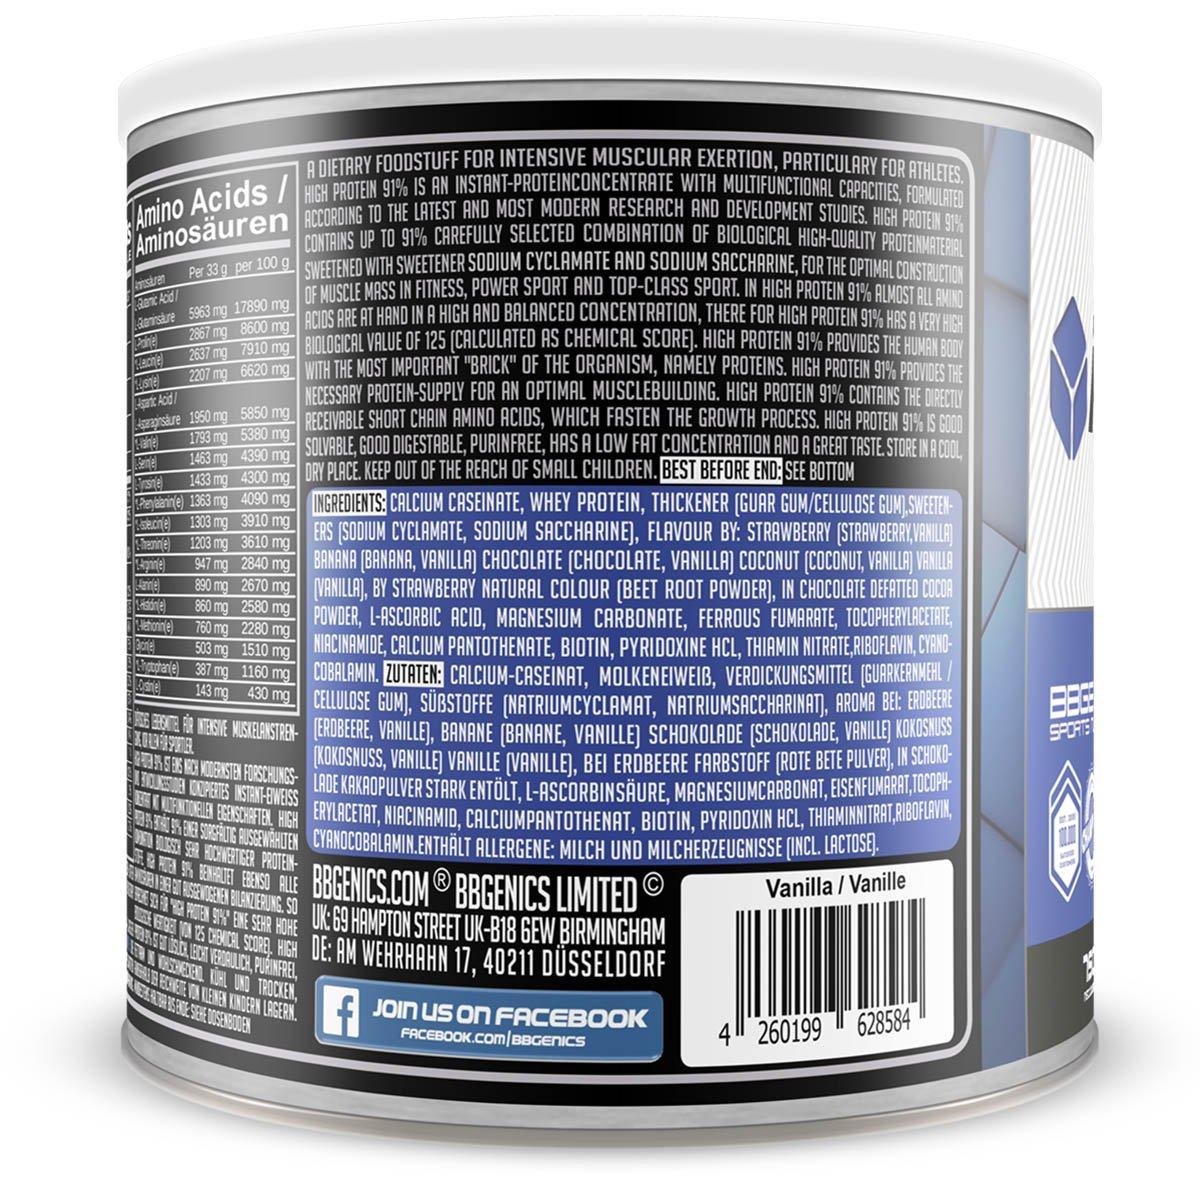 High Protein 91%, alto contenido de proteínas del 91 %, menos del 1 % de grasa, 1 % de carbohidratos, proteína en polvo de suero de leche y caseína, ...